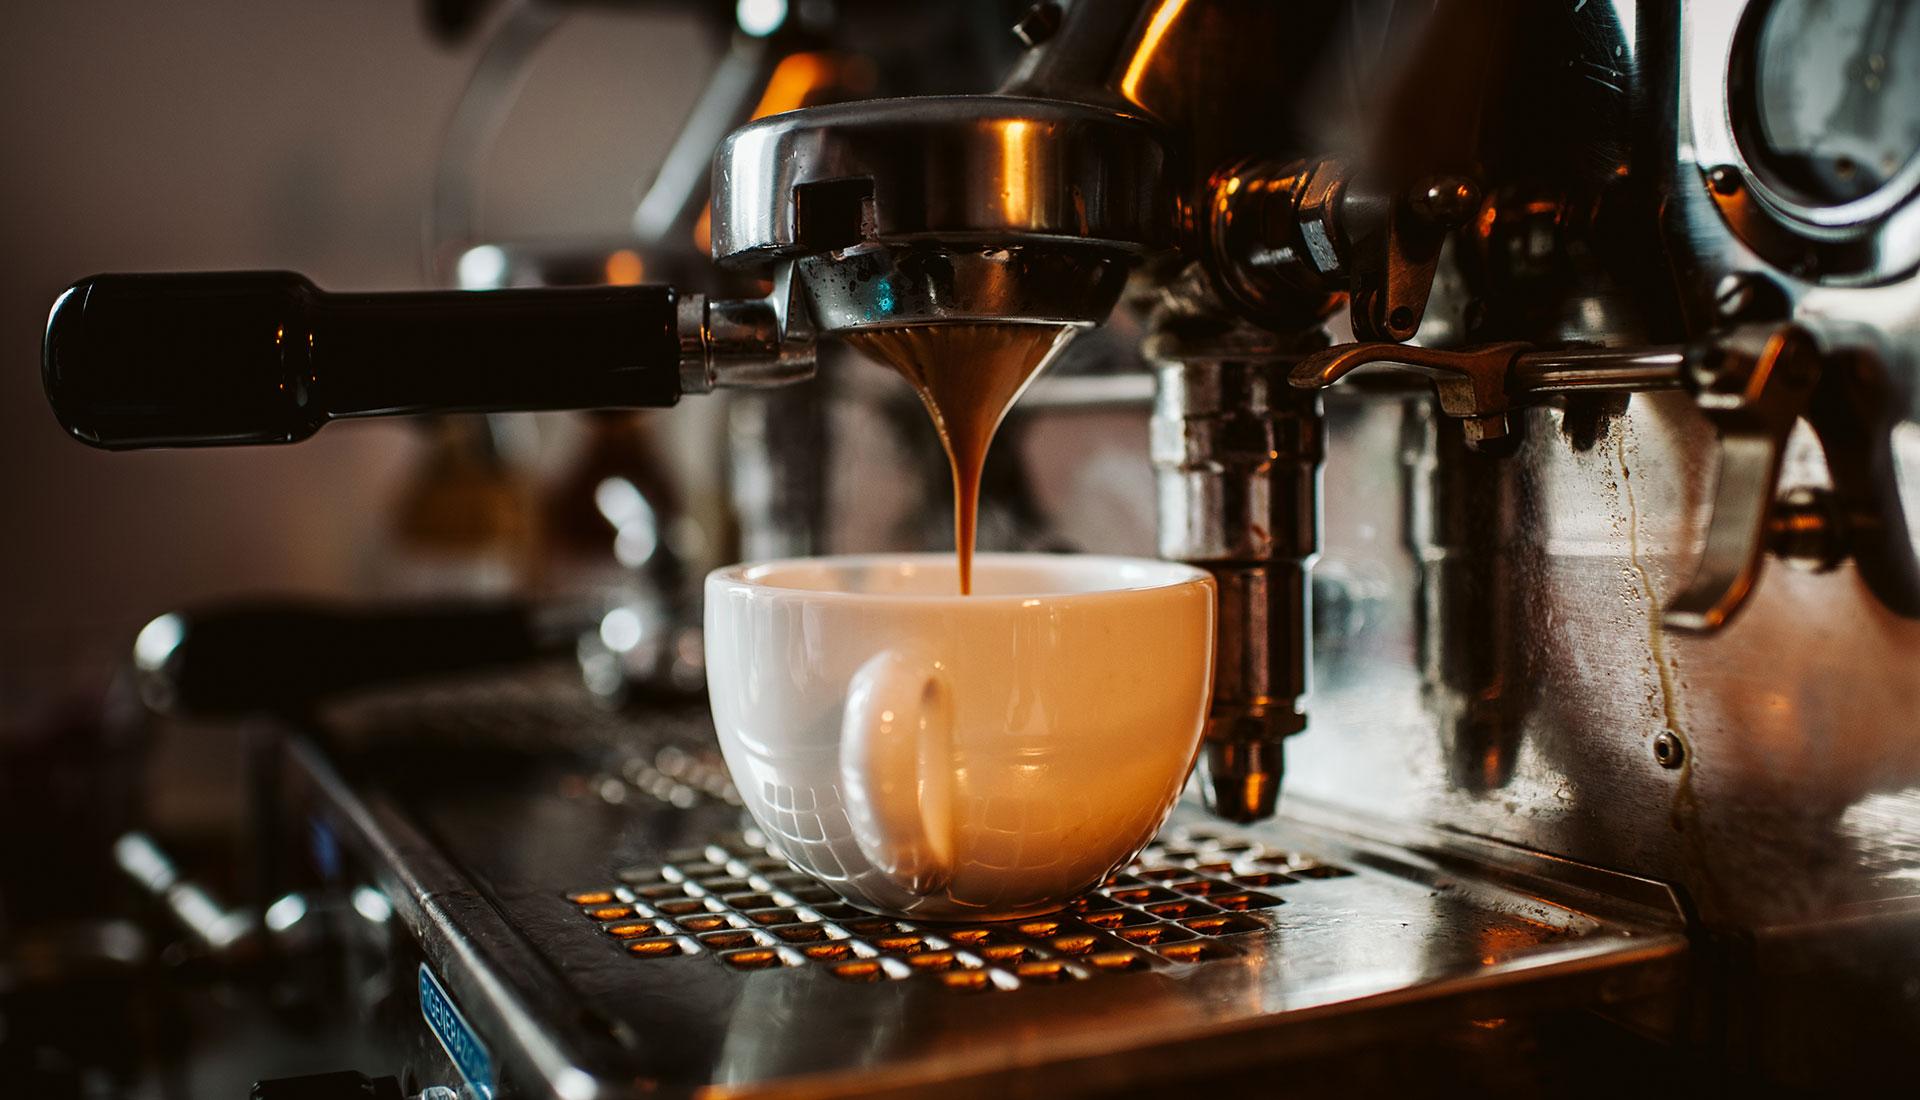 barista espresso coffee